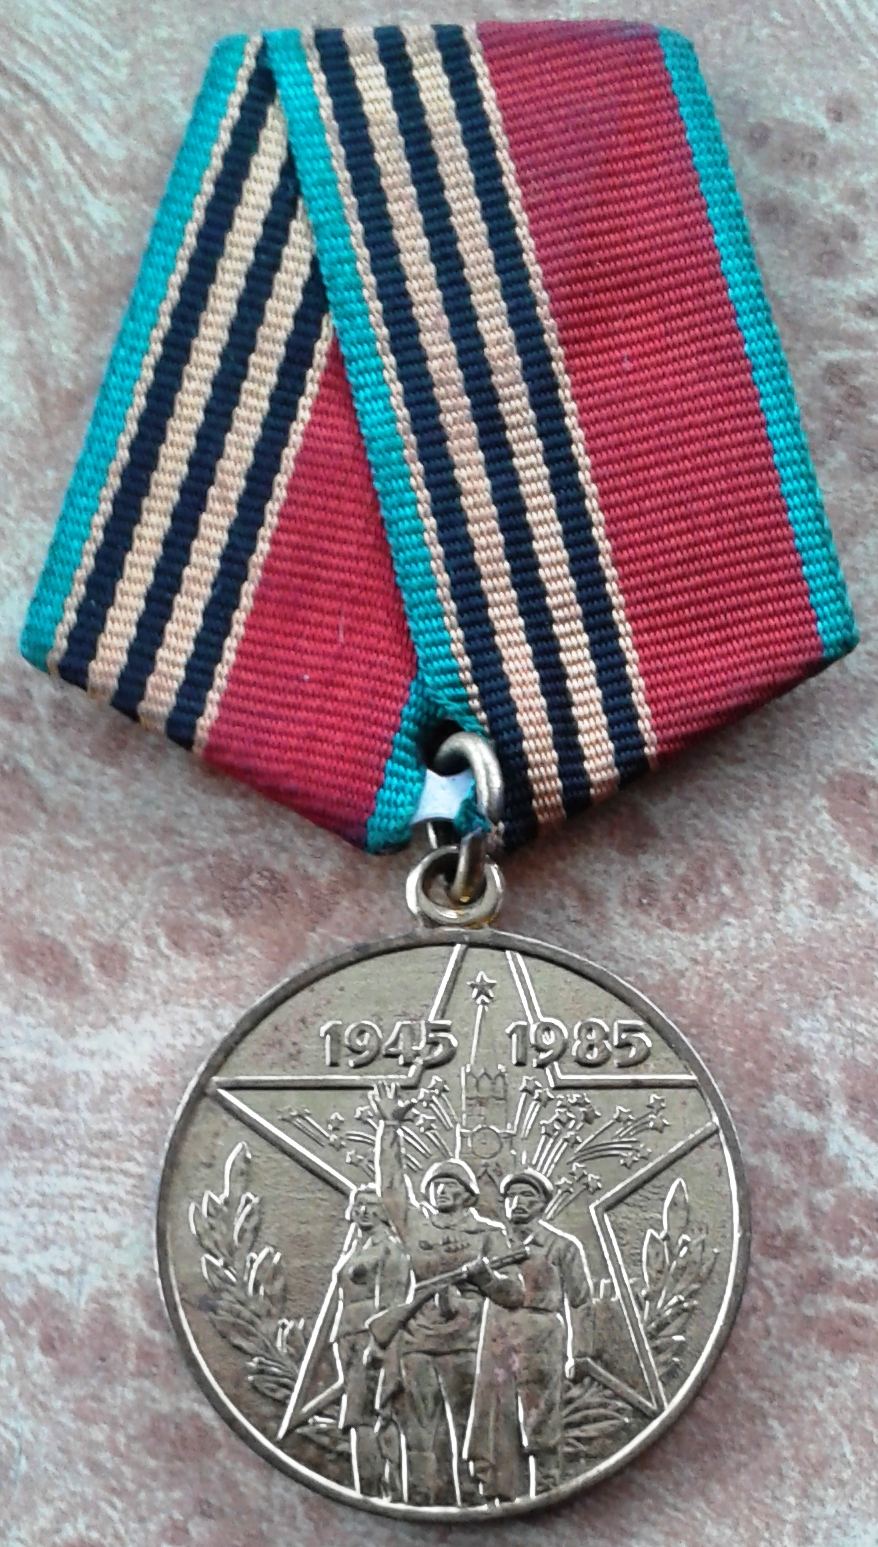 113. Медаль 40 лет Победы, Барыкин ПП, 1985